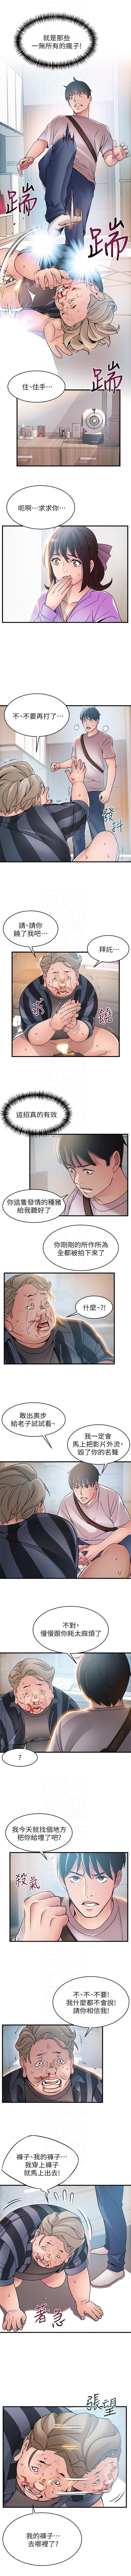 (週7)弱點 1-76 中文翻譯(更新中) 217